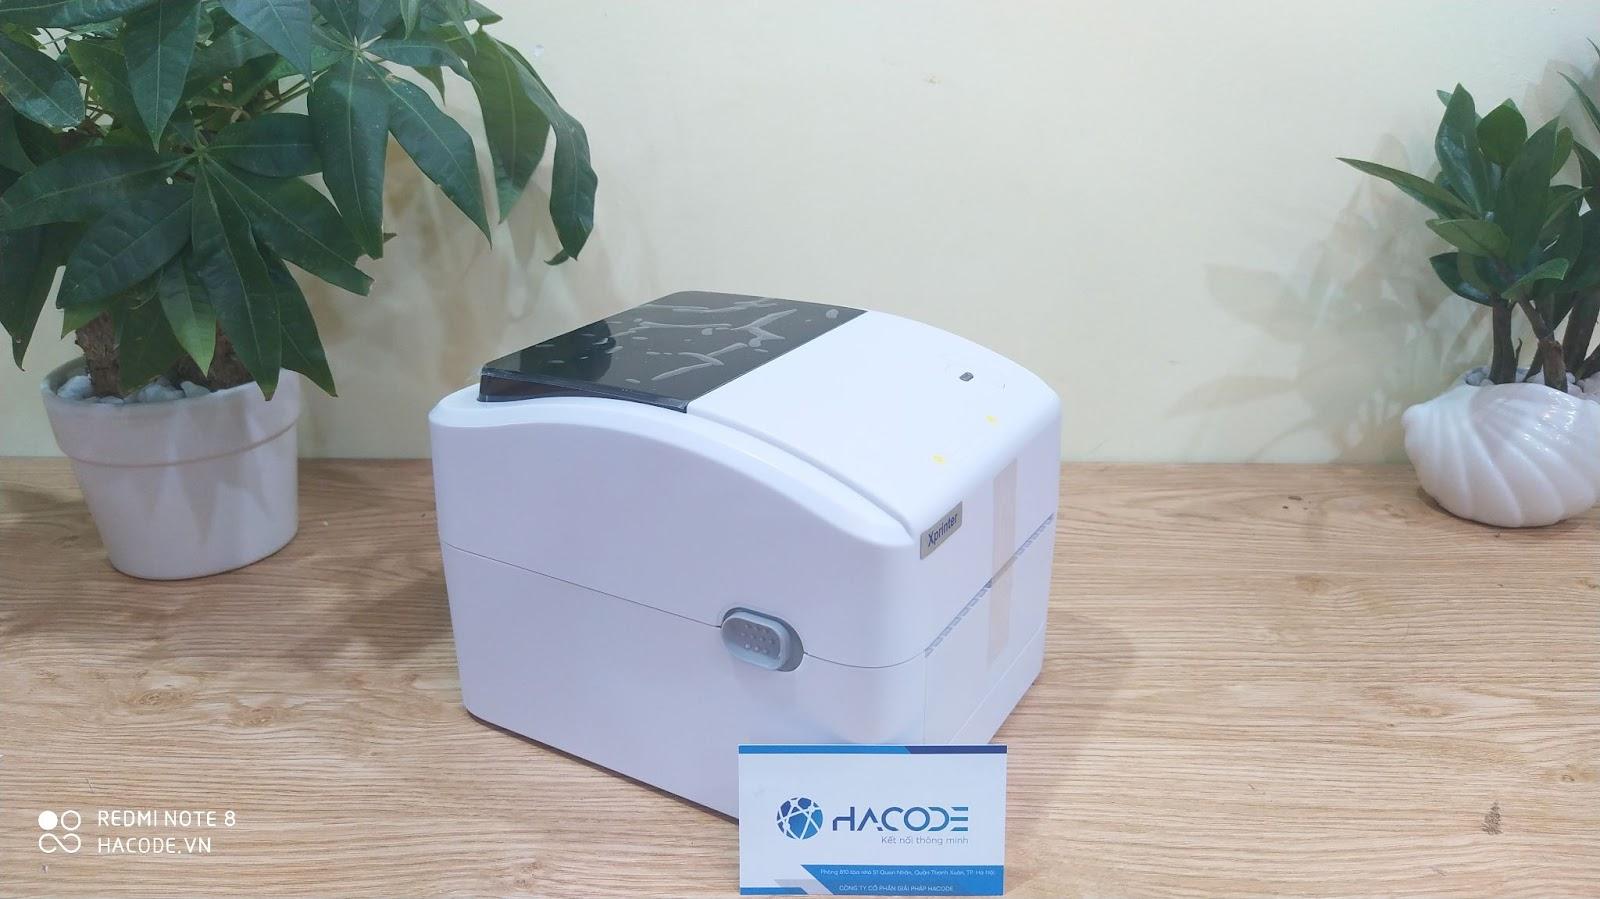 Tại Bắc Ninh mua máy in mã vạch chỗ nào giá tốt nhất?